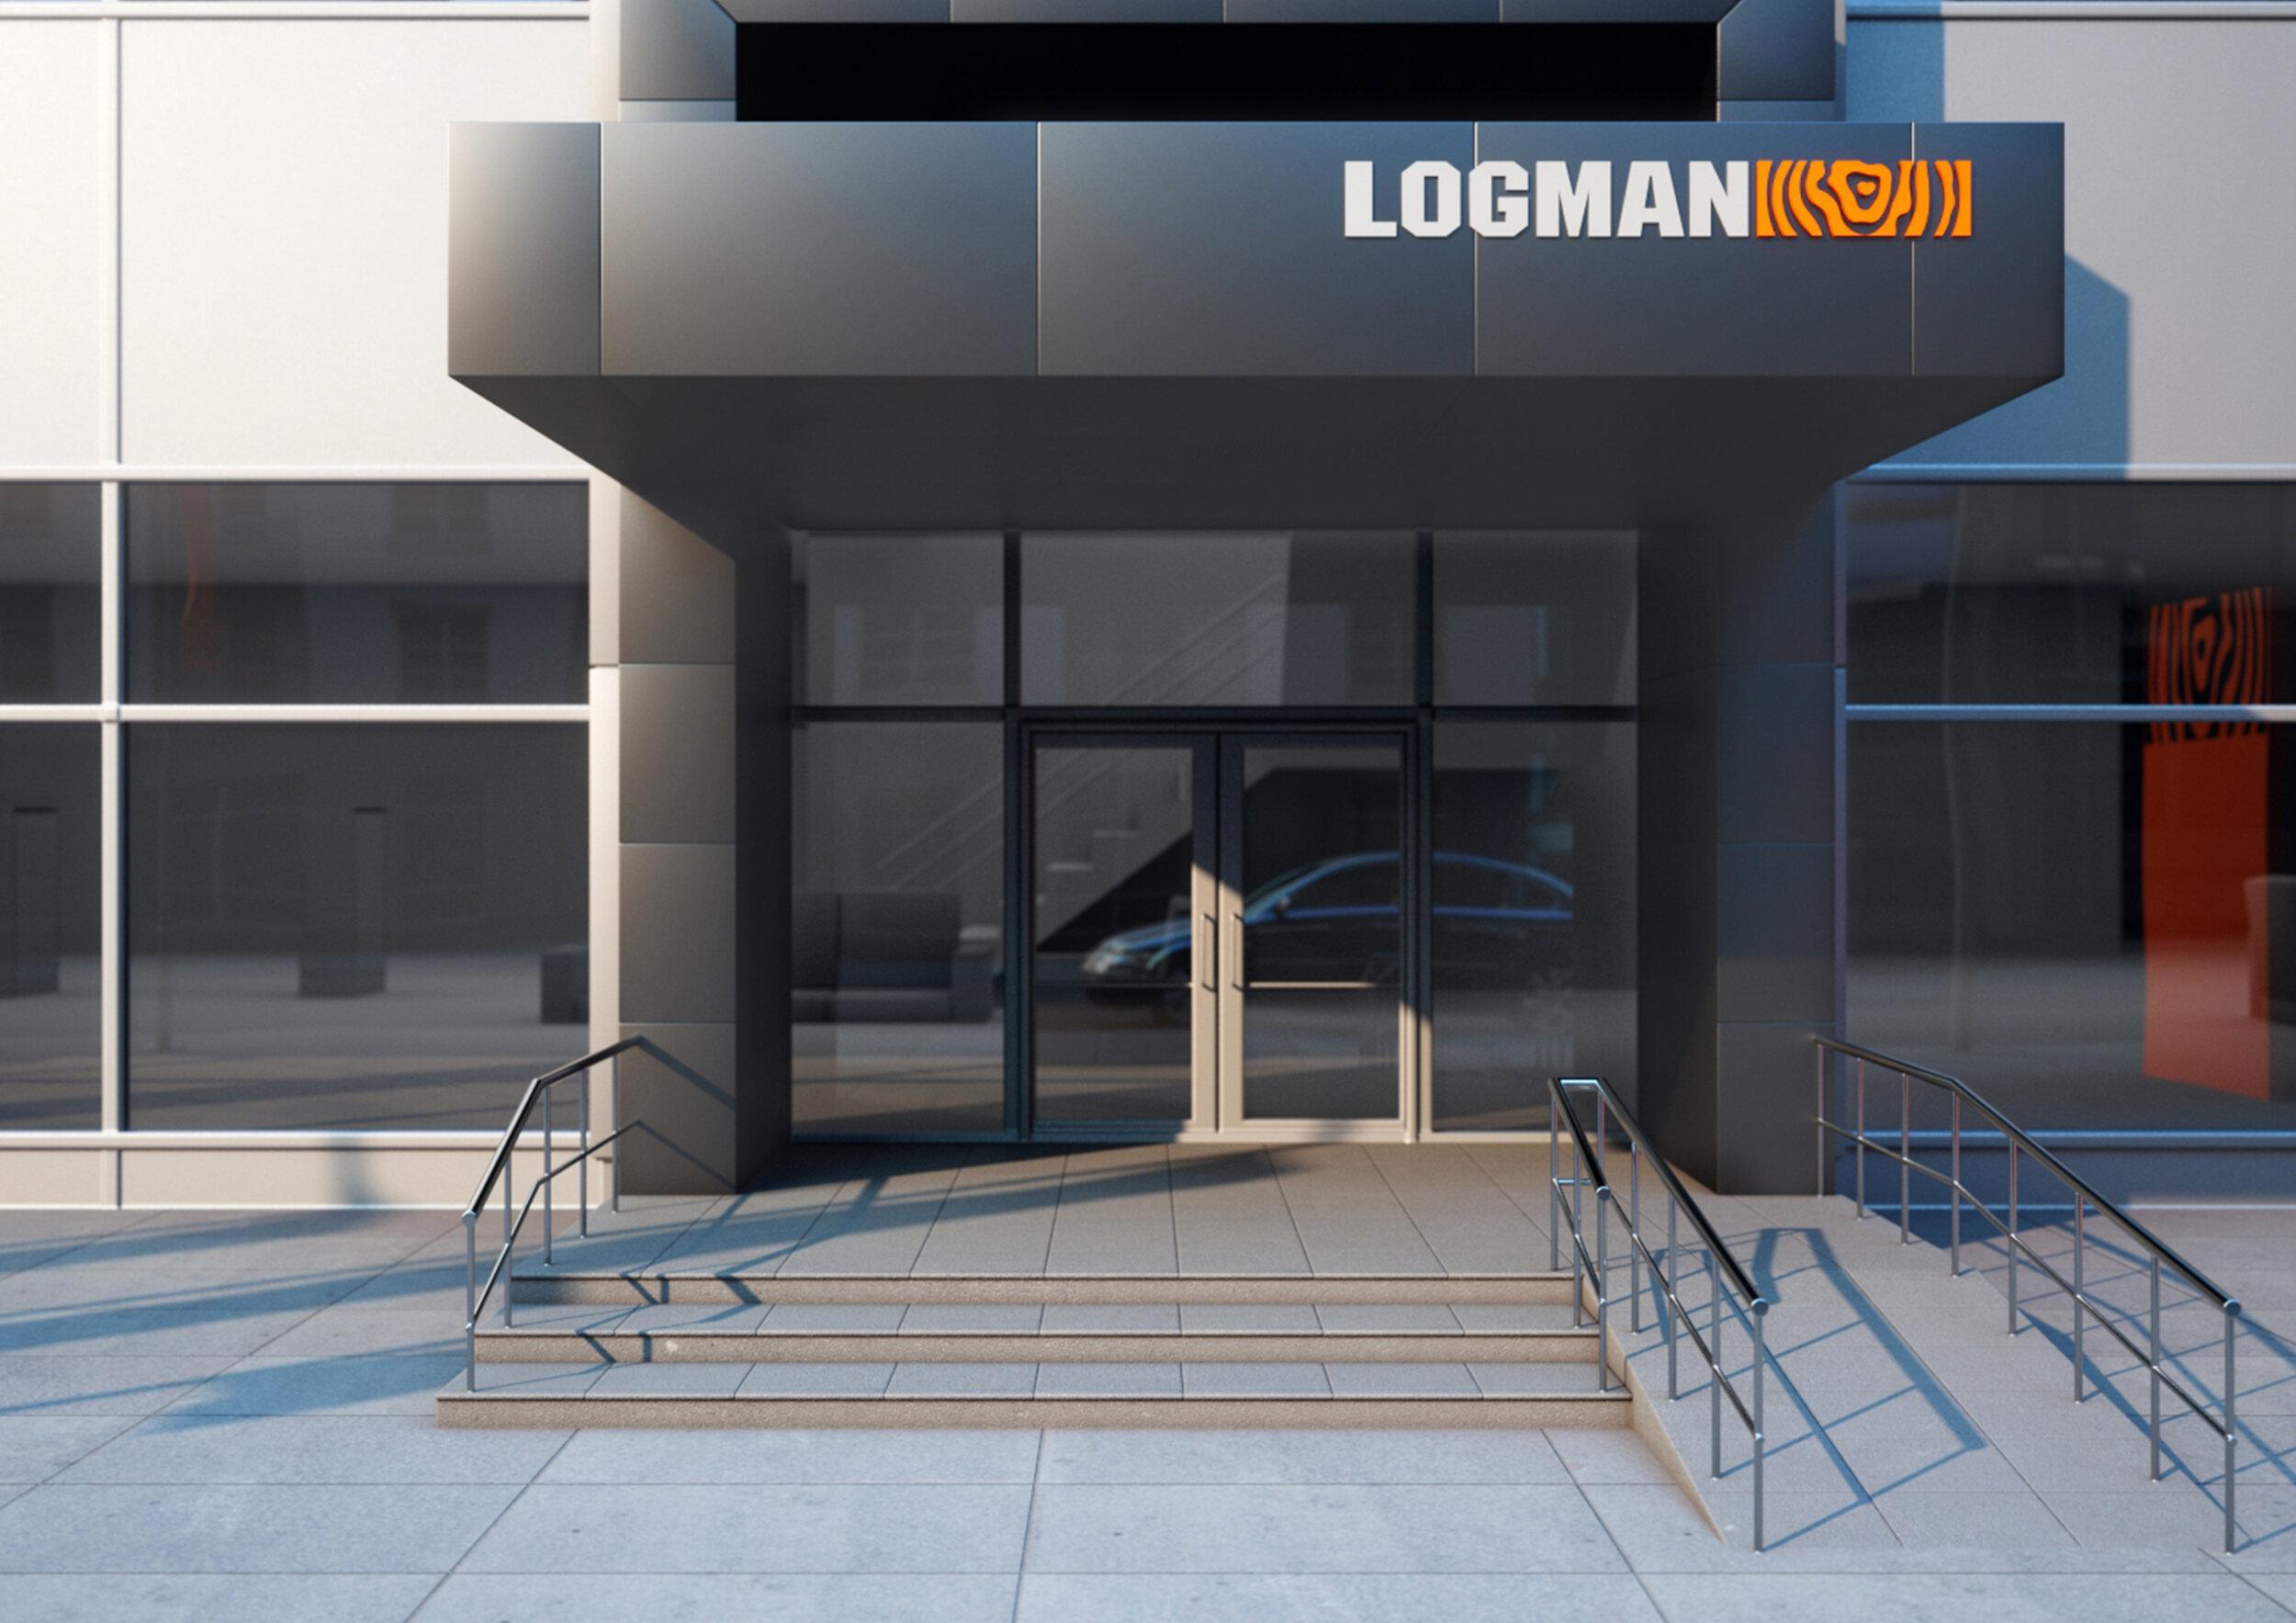 logman1.1.jpg